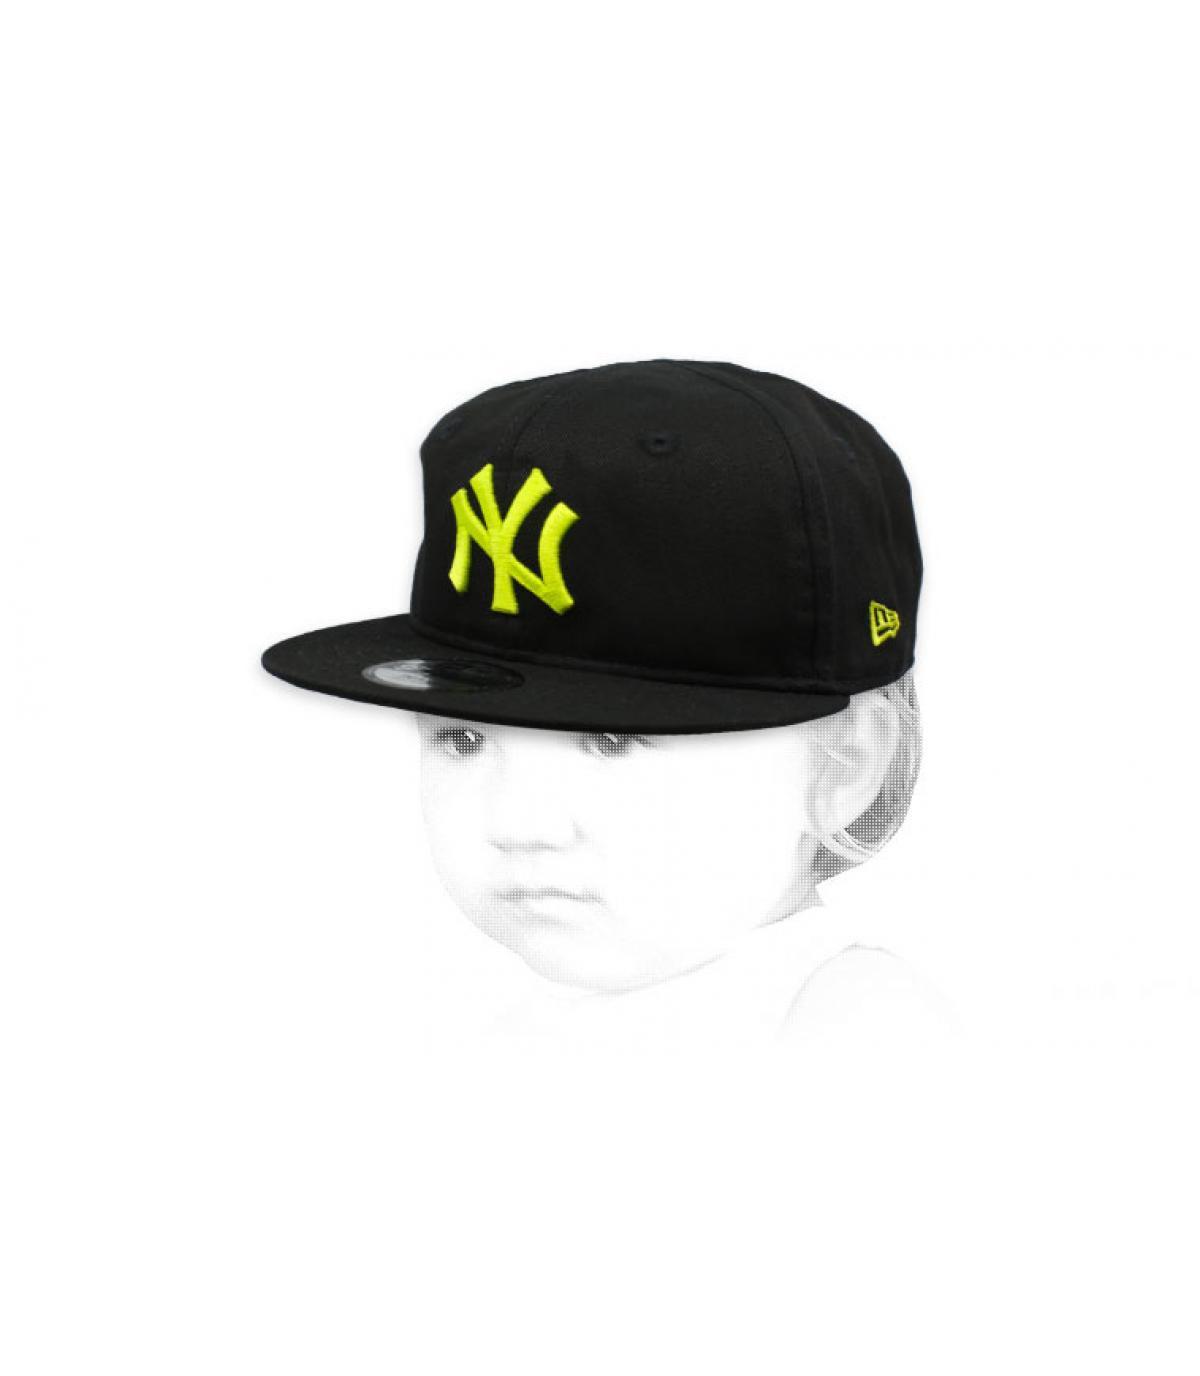 Baby Cap NY schwarz gelb